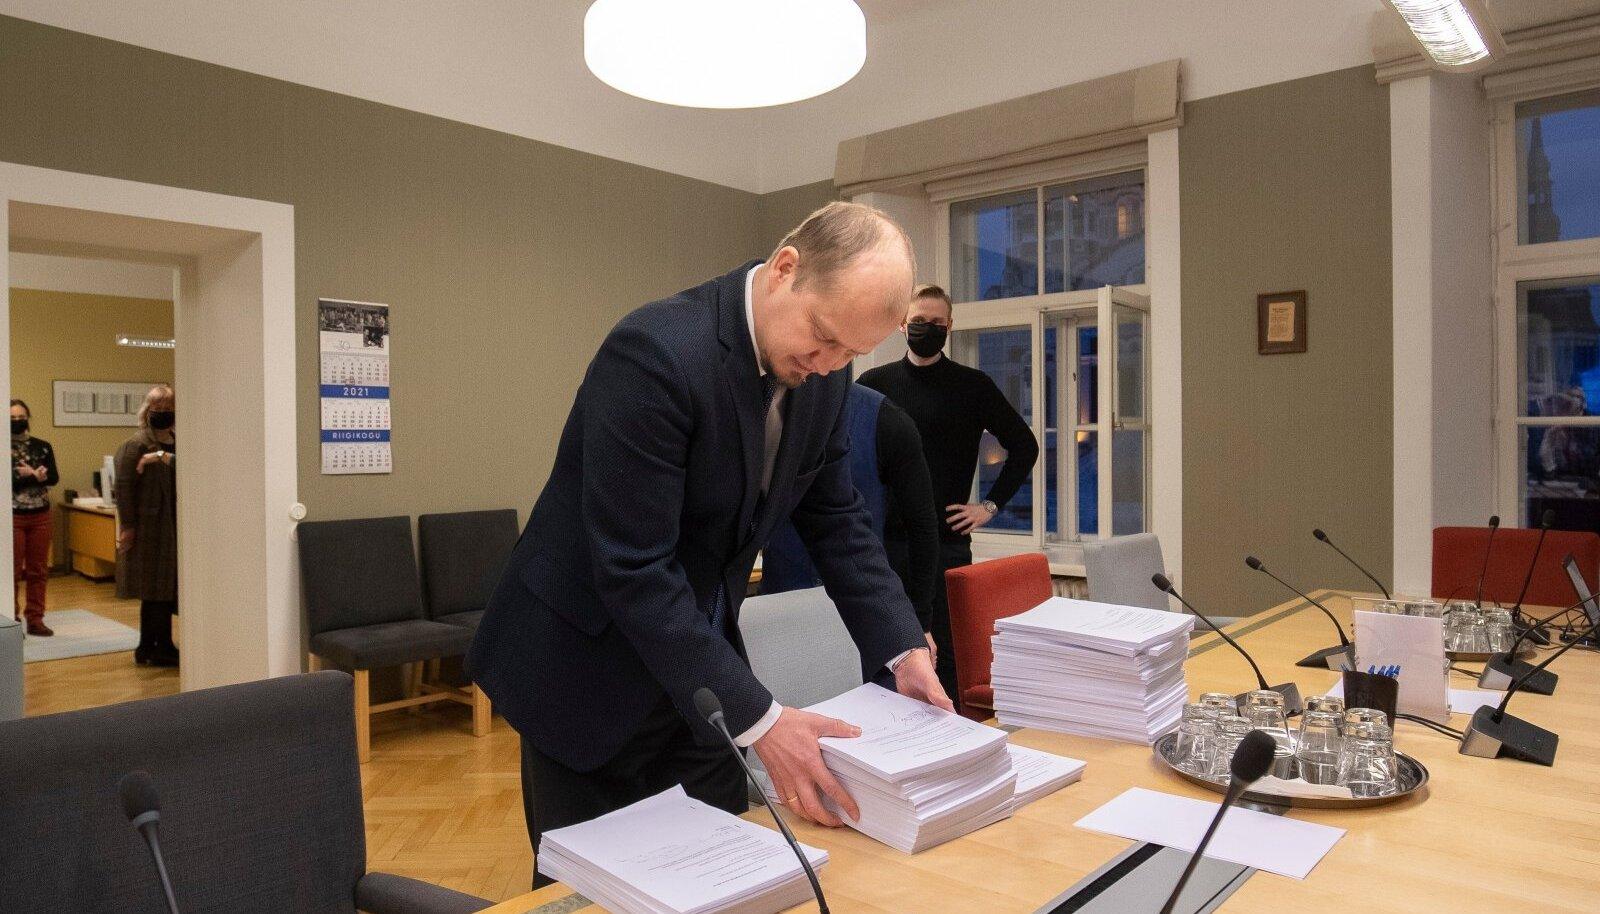 Reformierakonna paberkandjal antud muudatusettepanekud jõuavad täismahus avalikkuse ette tõenäoliselt homsest.